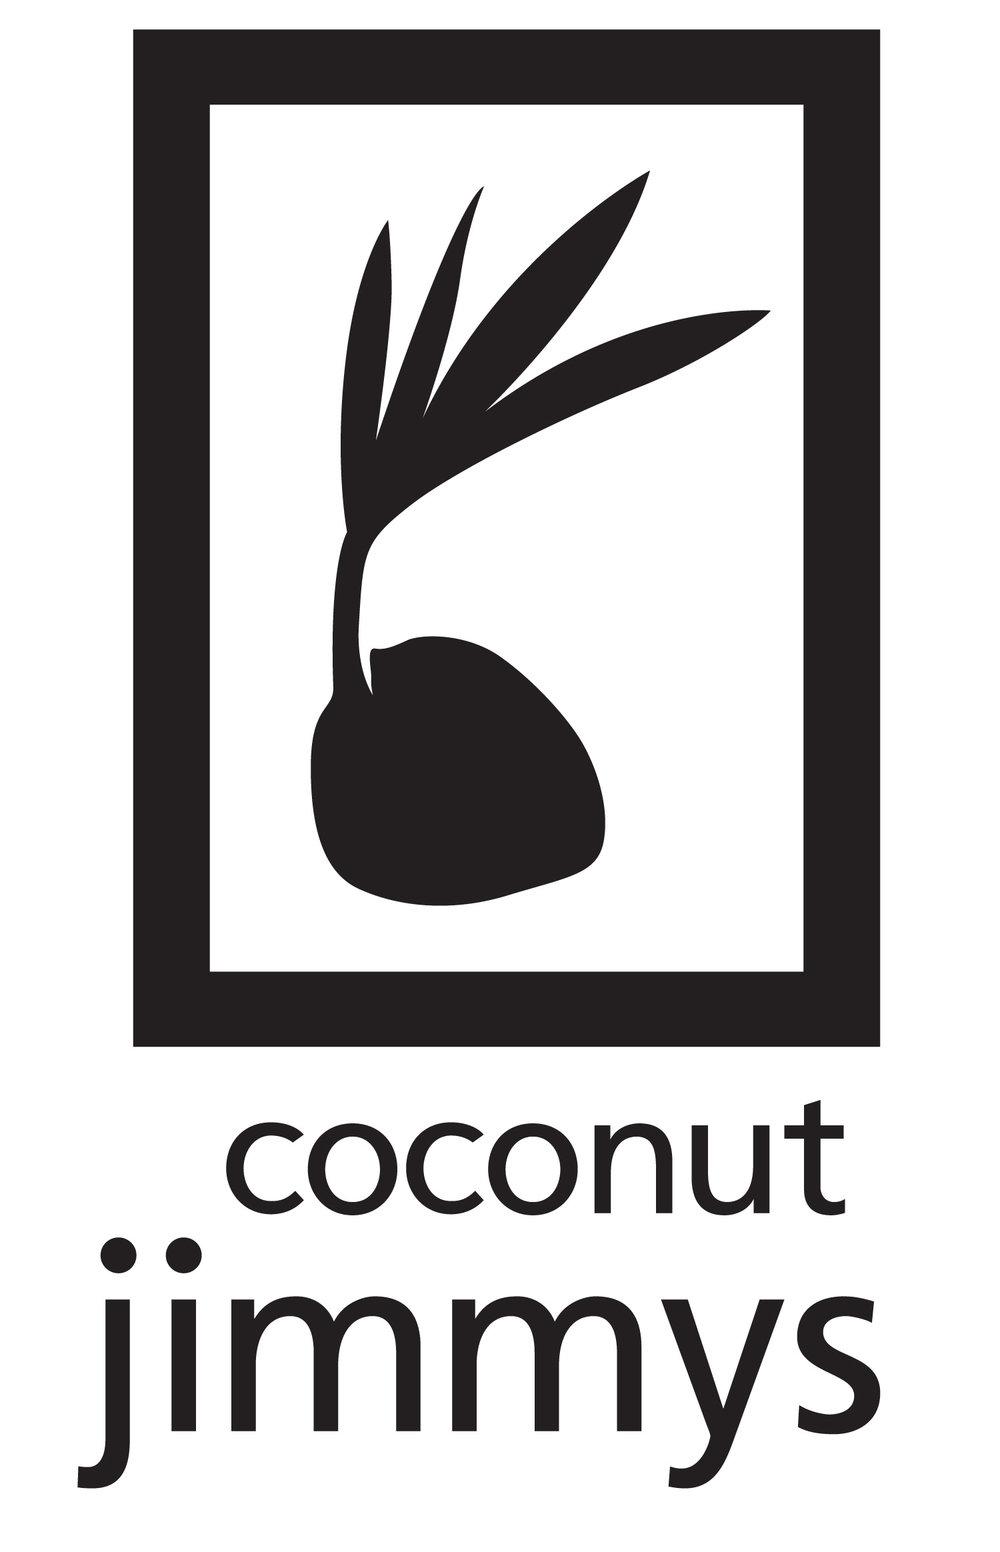 CoconutJimmys_logo_black-on-white_vertical.jpg